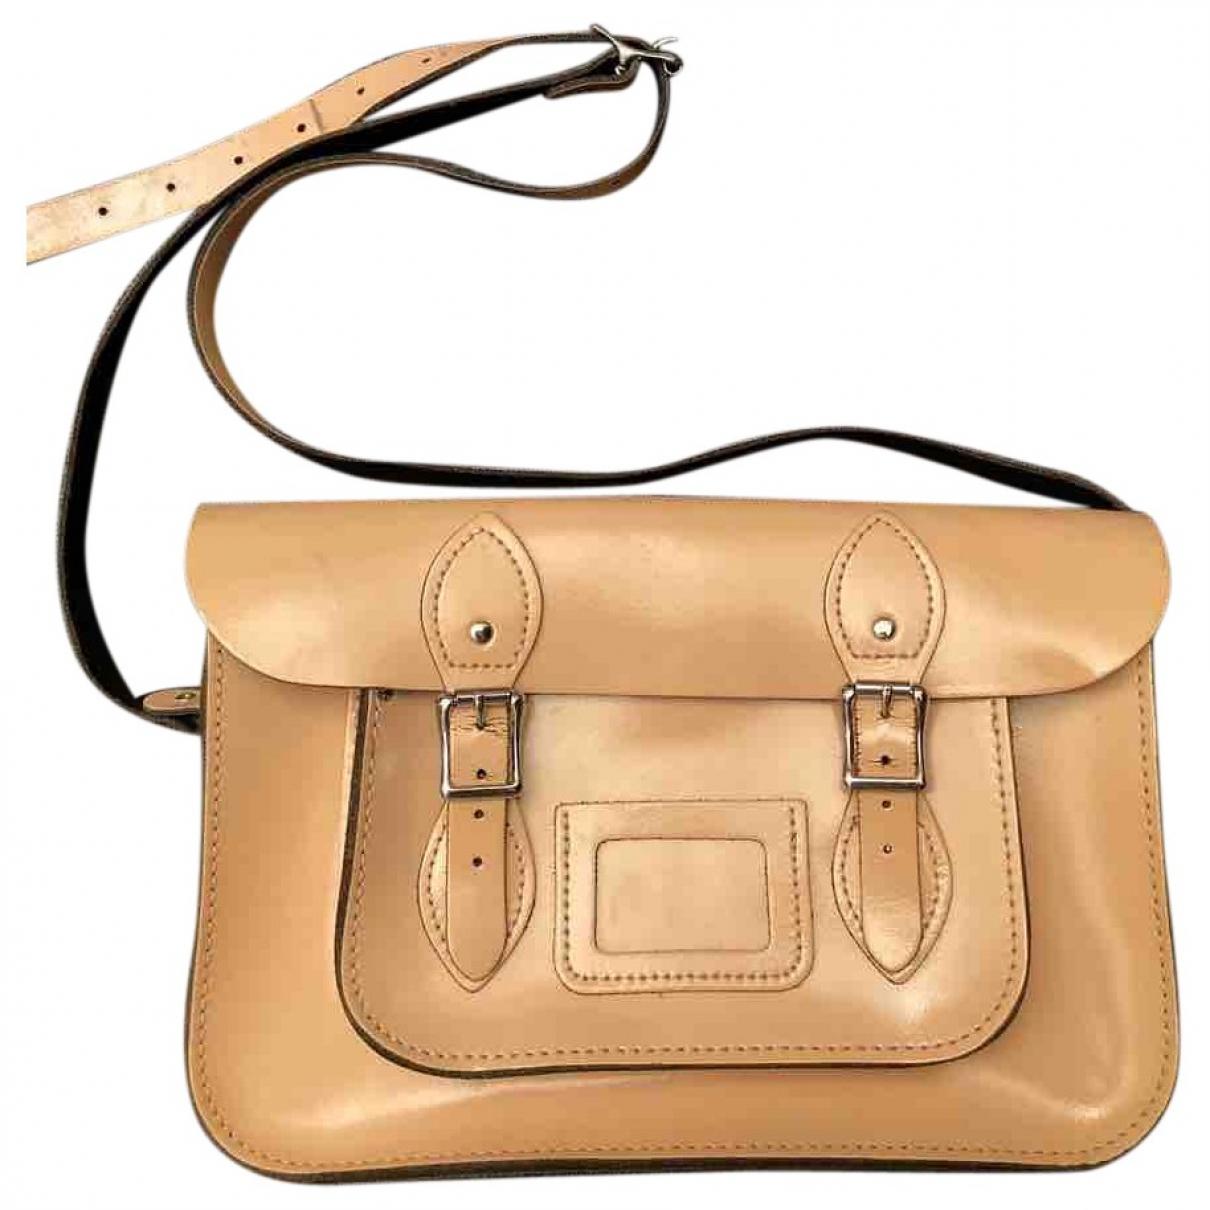 Leather Satchel Company - Sac a main   pour femme en cuir - rose